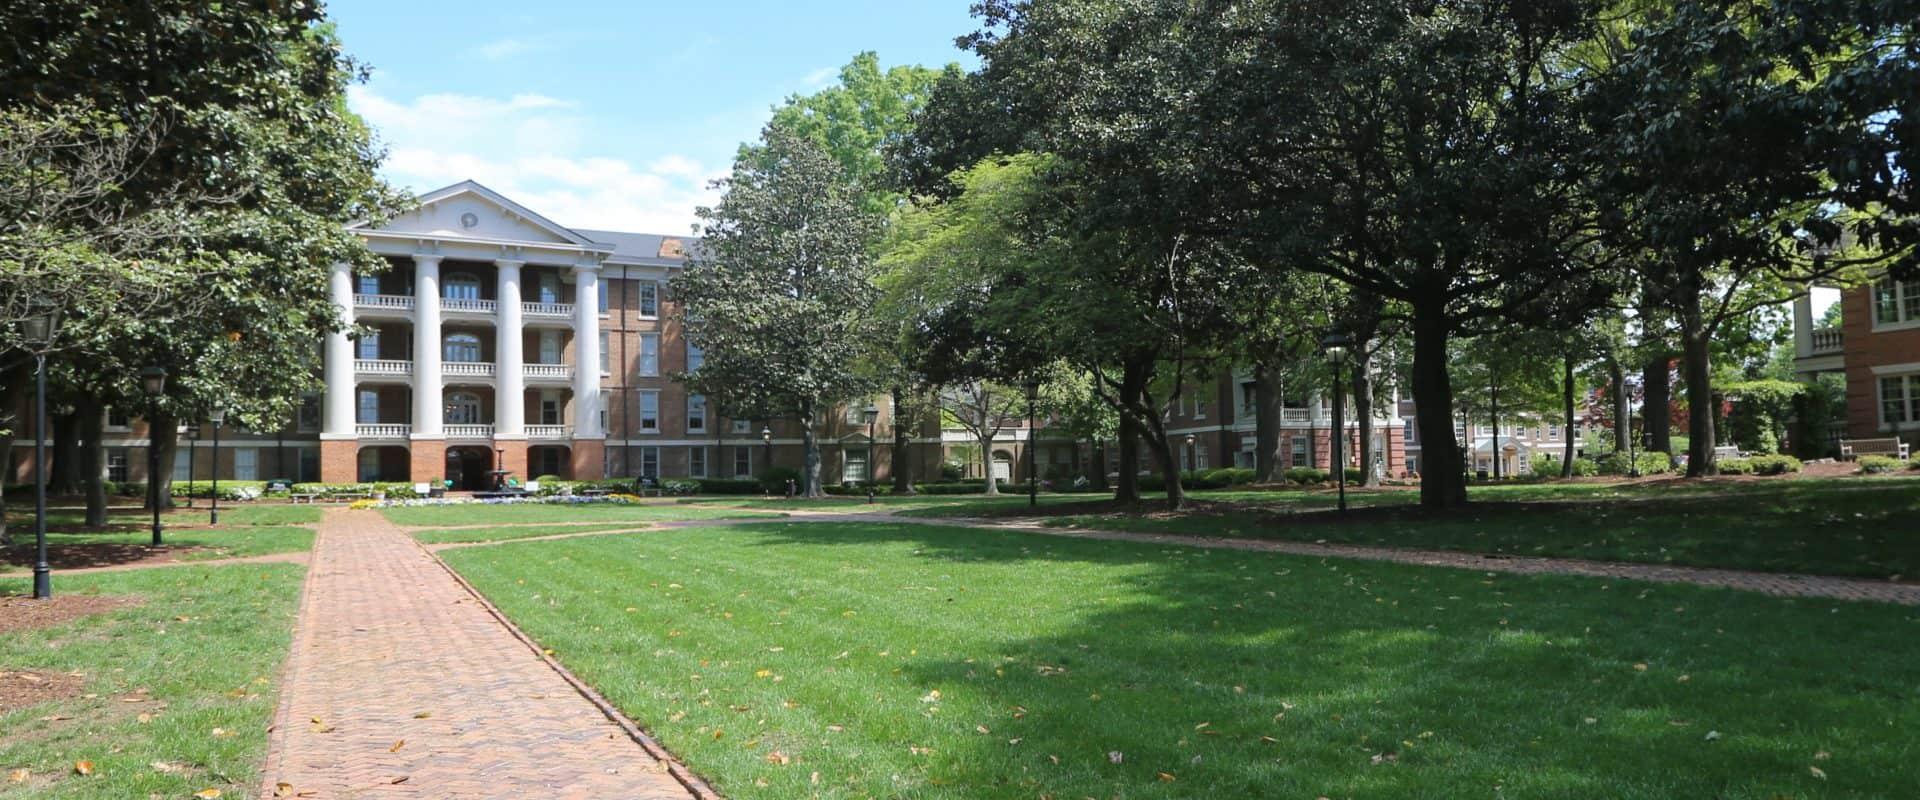 Historic Main Building at WPU